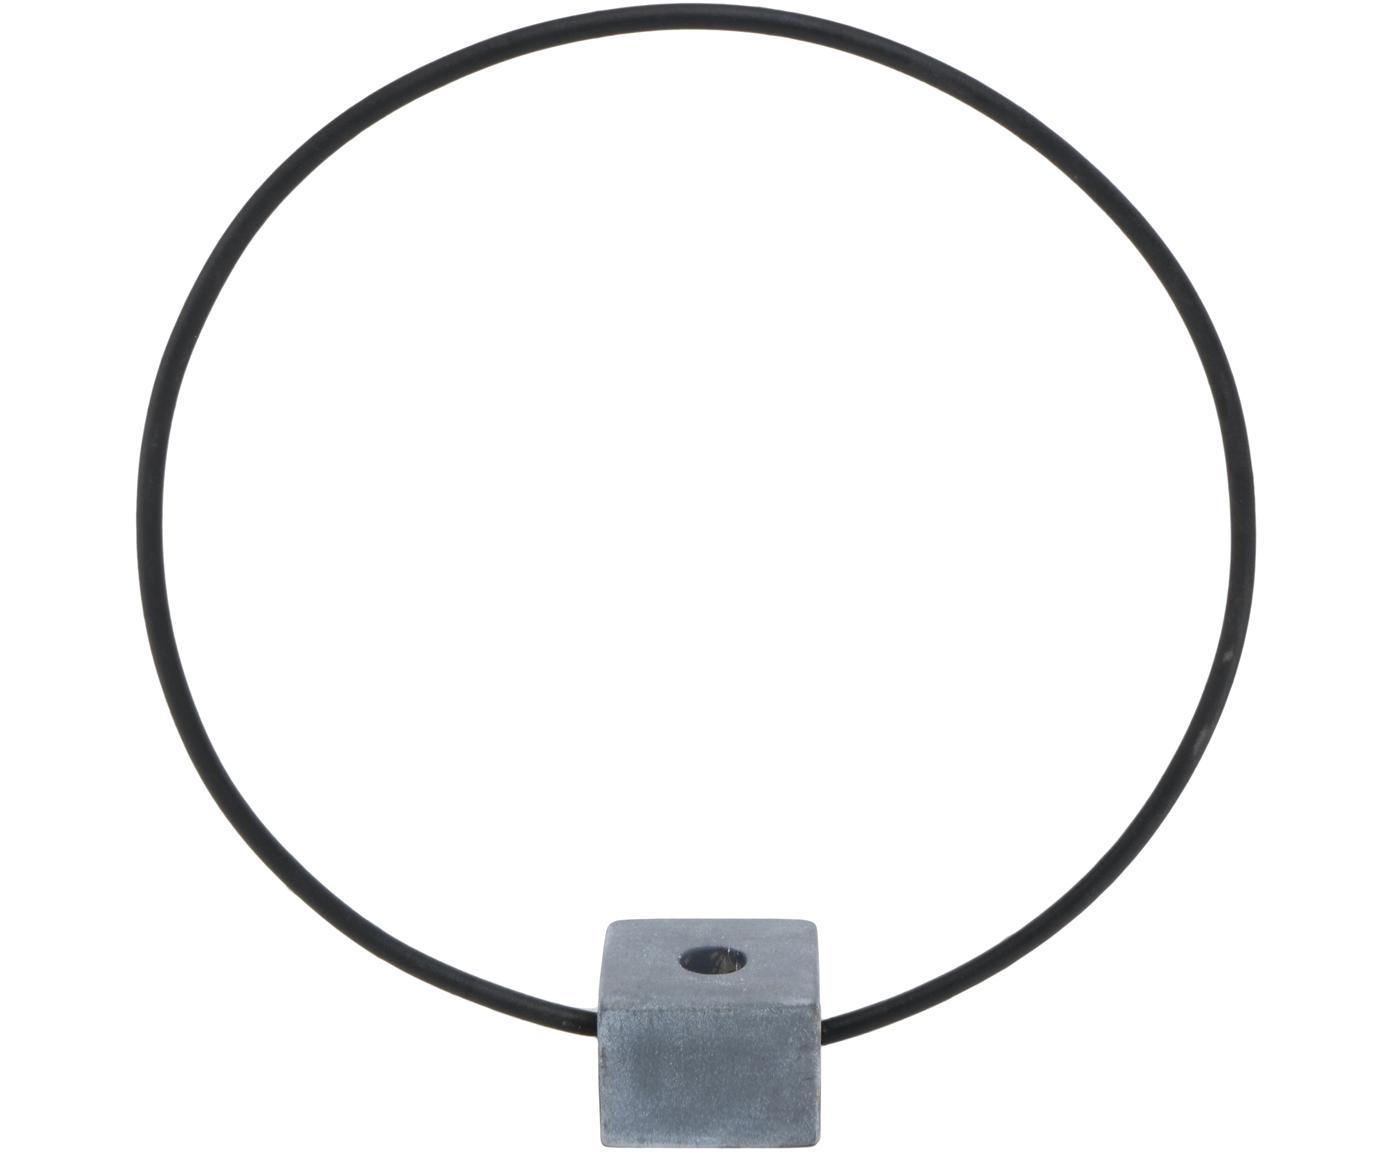 Candelabro Congo, Metallo, pietra, Nero, grigio, Ø 38 cm